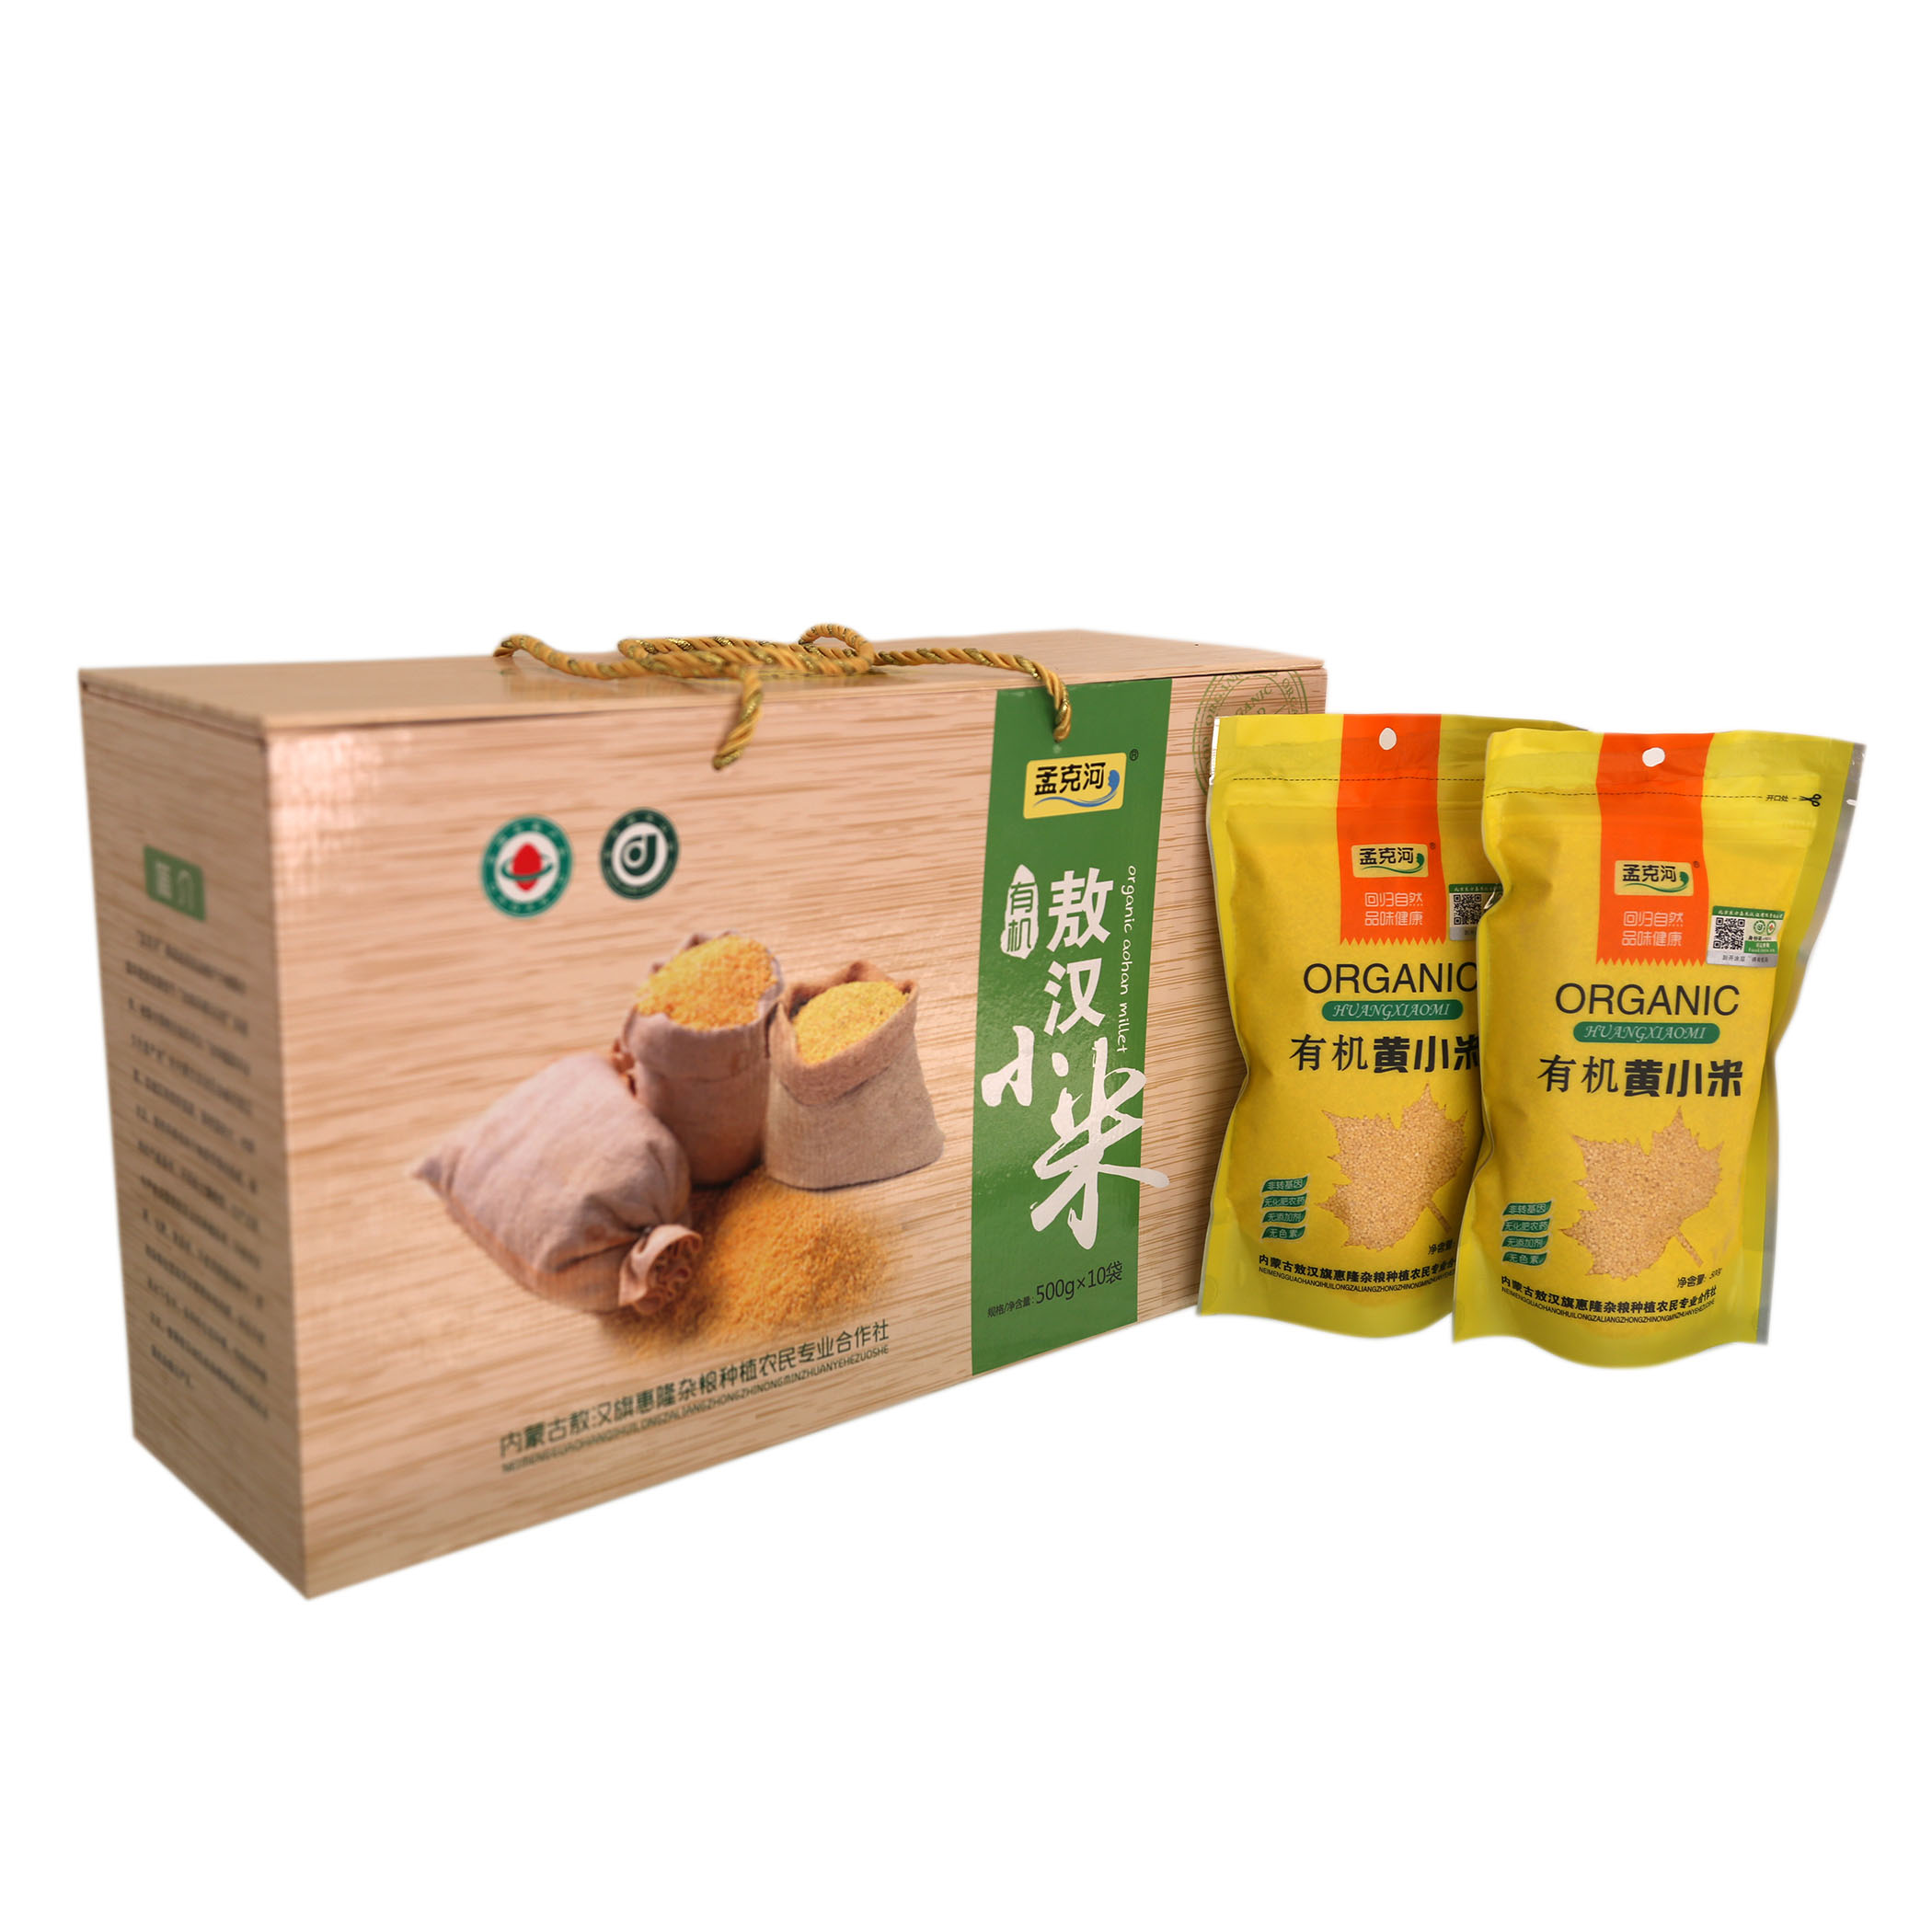 孟克河有机敖汉小米5KG 正宗赤峰黄小米 精品礼盒大量包装